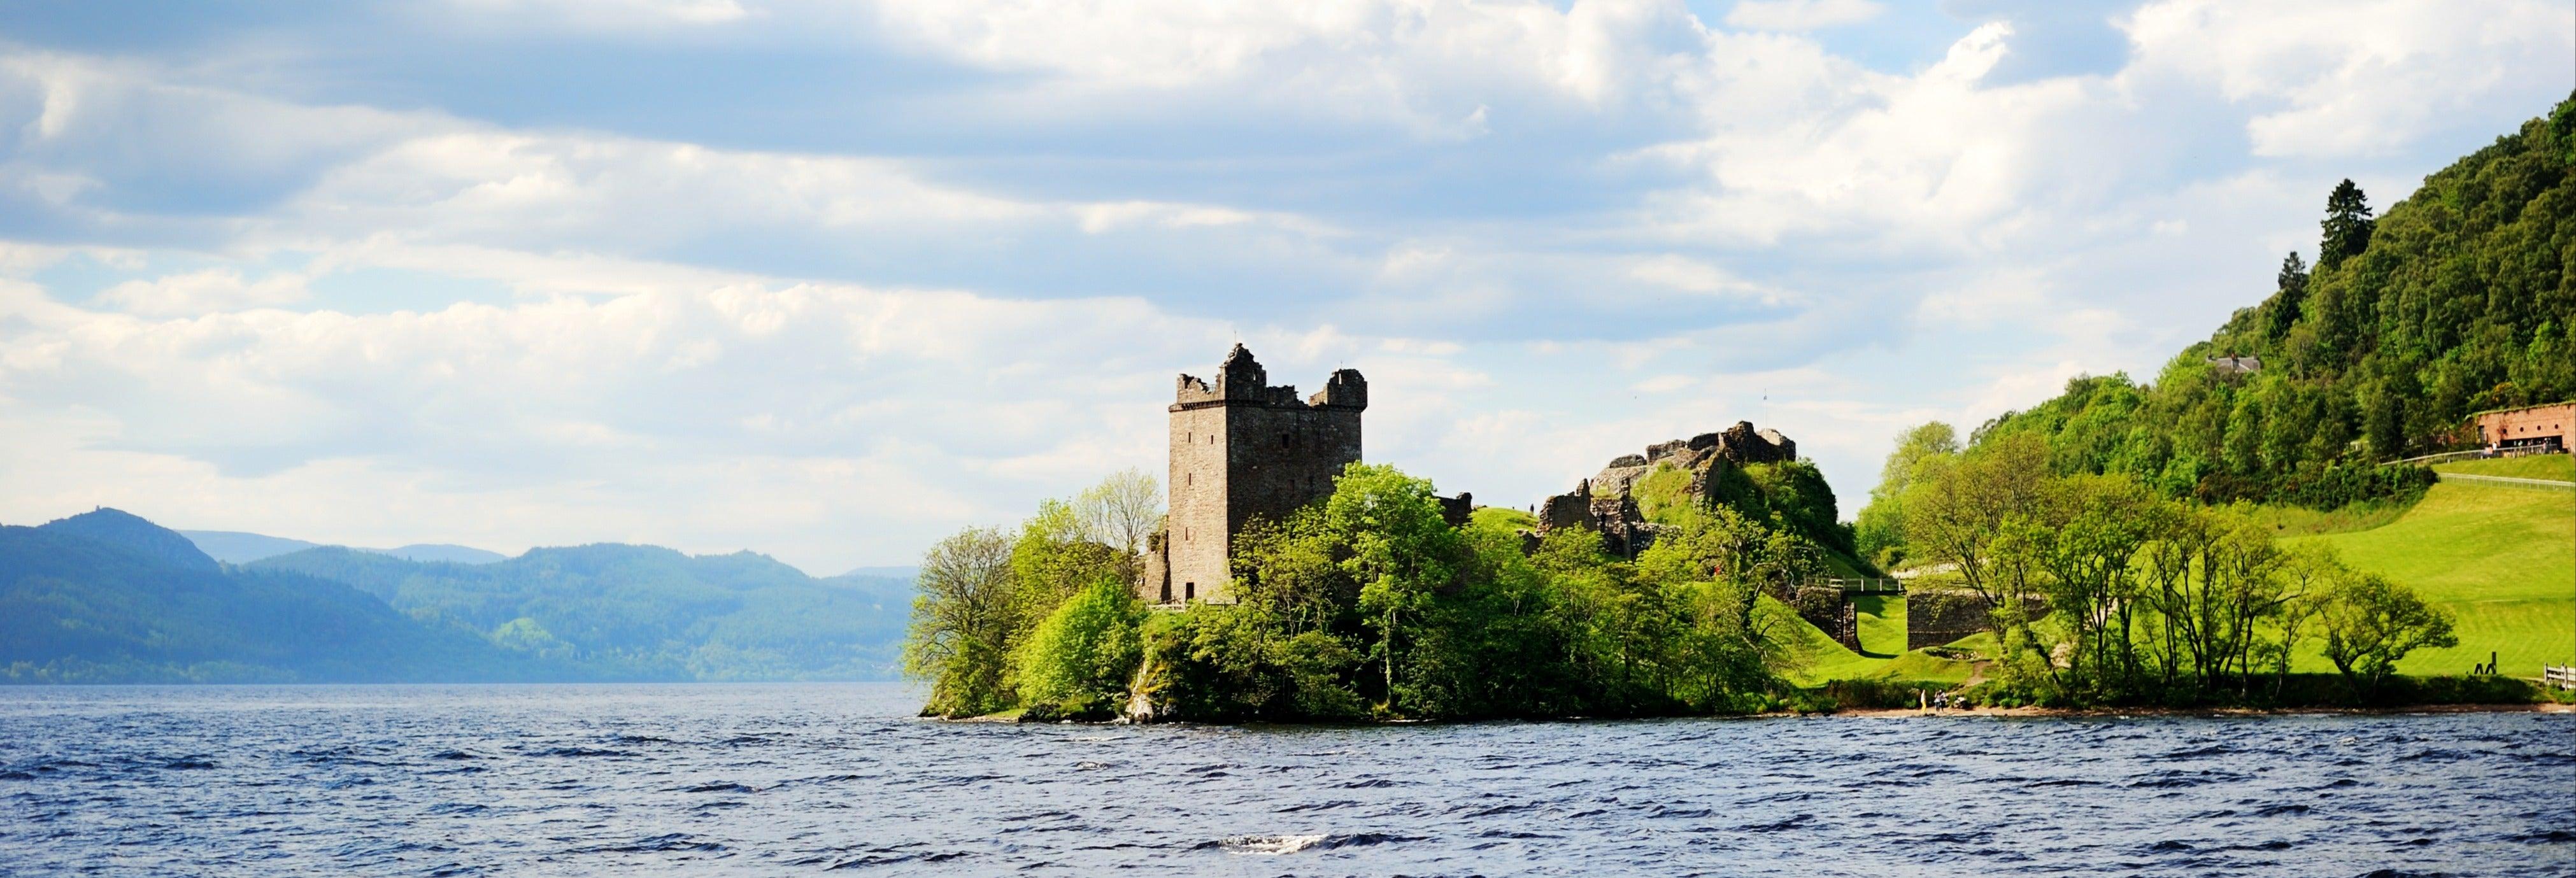 Escursione a Loch Ness e alle Highlands